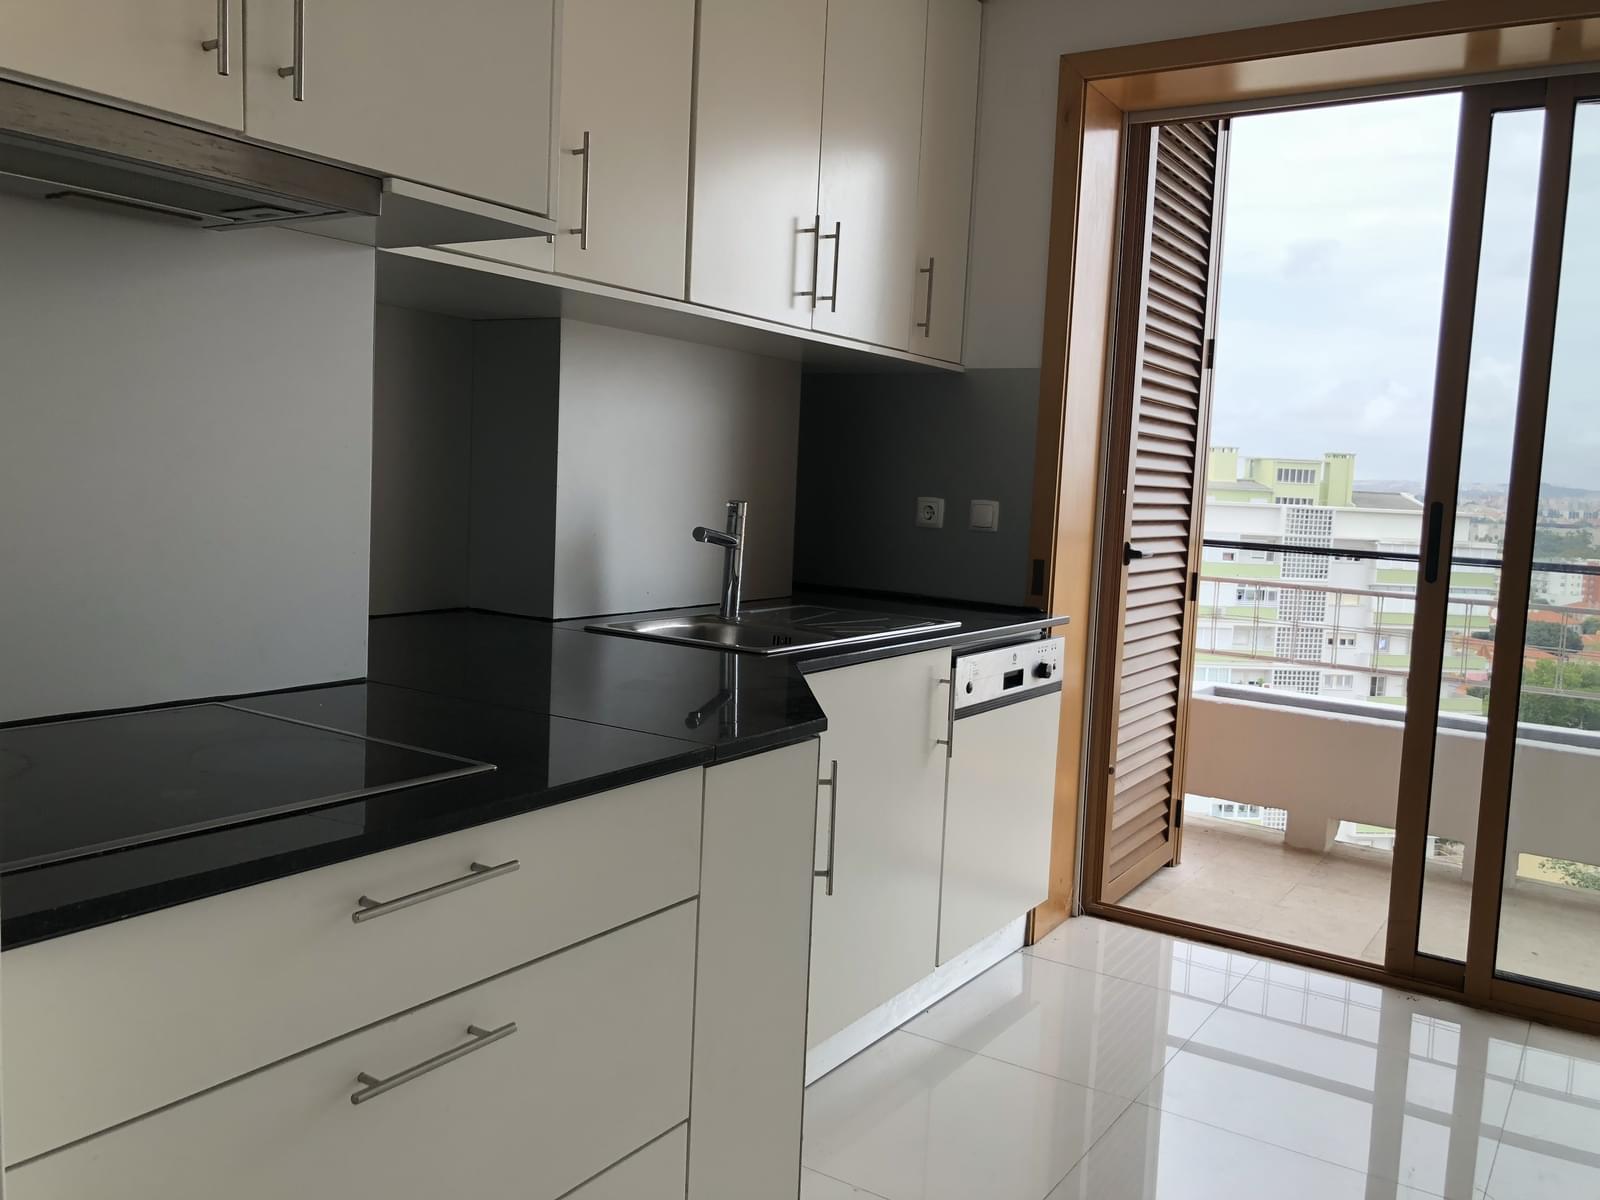 pf18040-apartamento-t3-lisboa-b8567d96-ef39-4cf8-9421-ac613ec9cc76